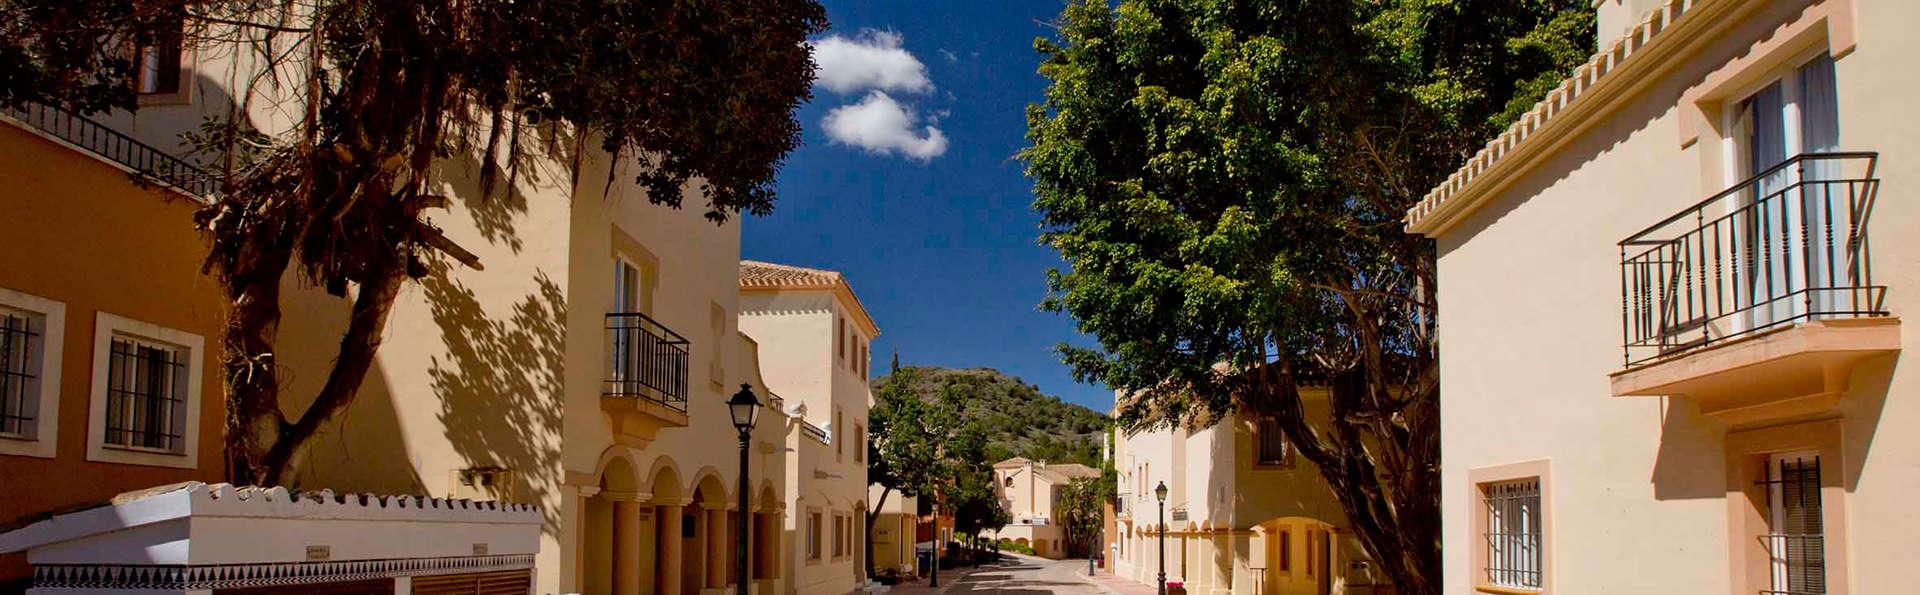 Las Lomas Village - edit_new_Las-Lomas-Village.jpg